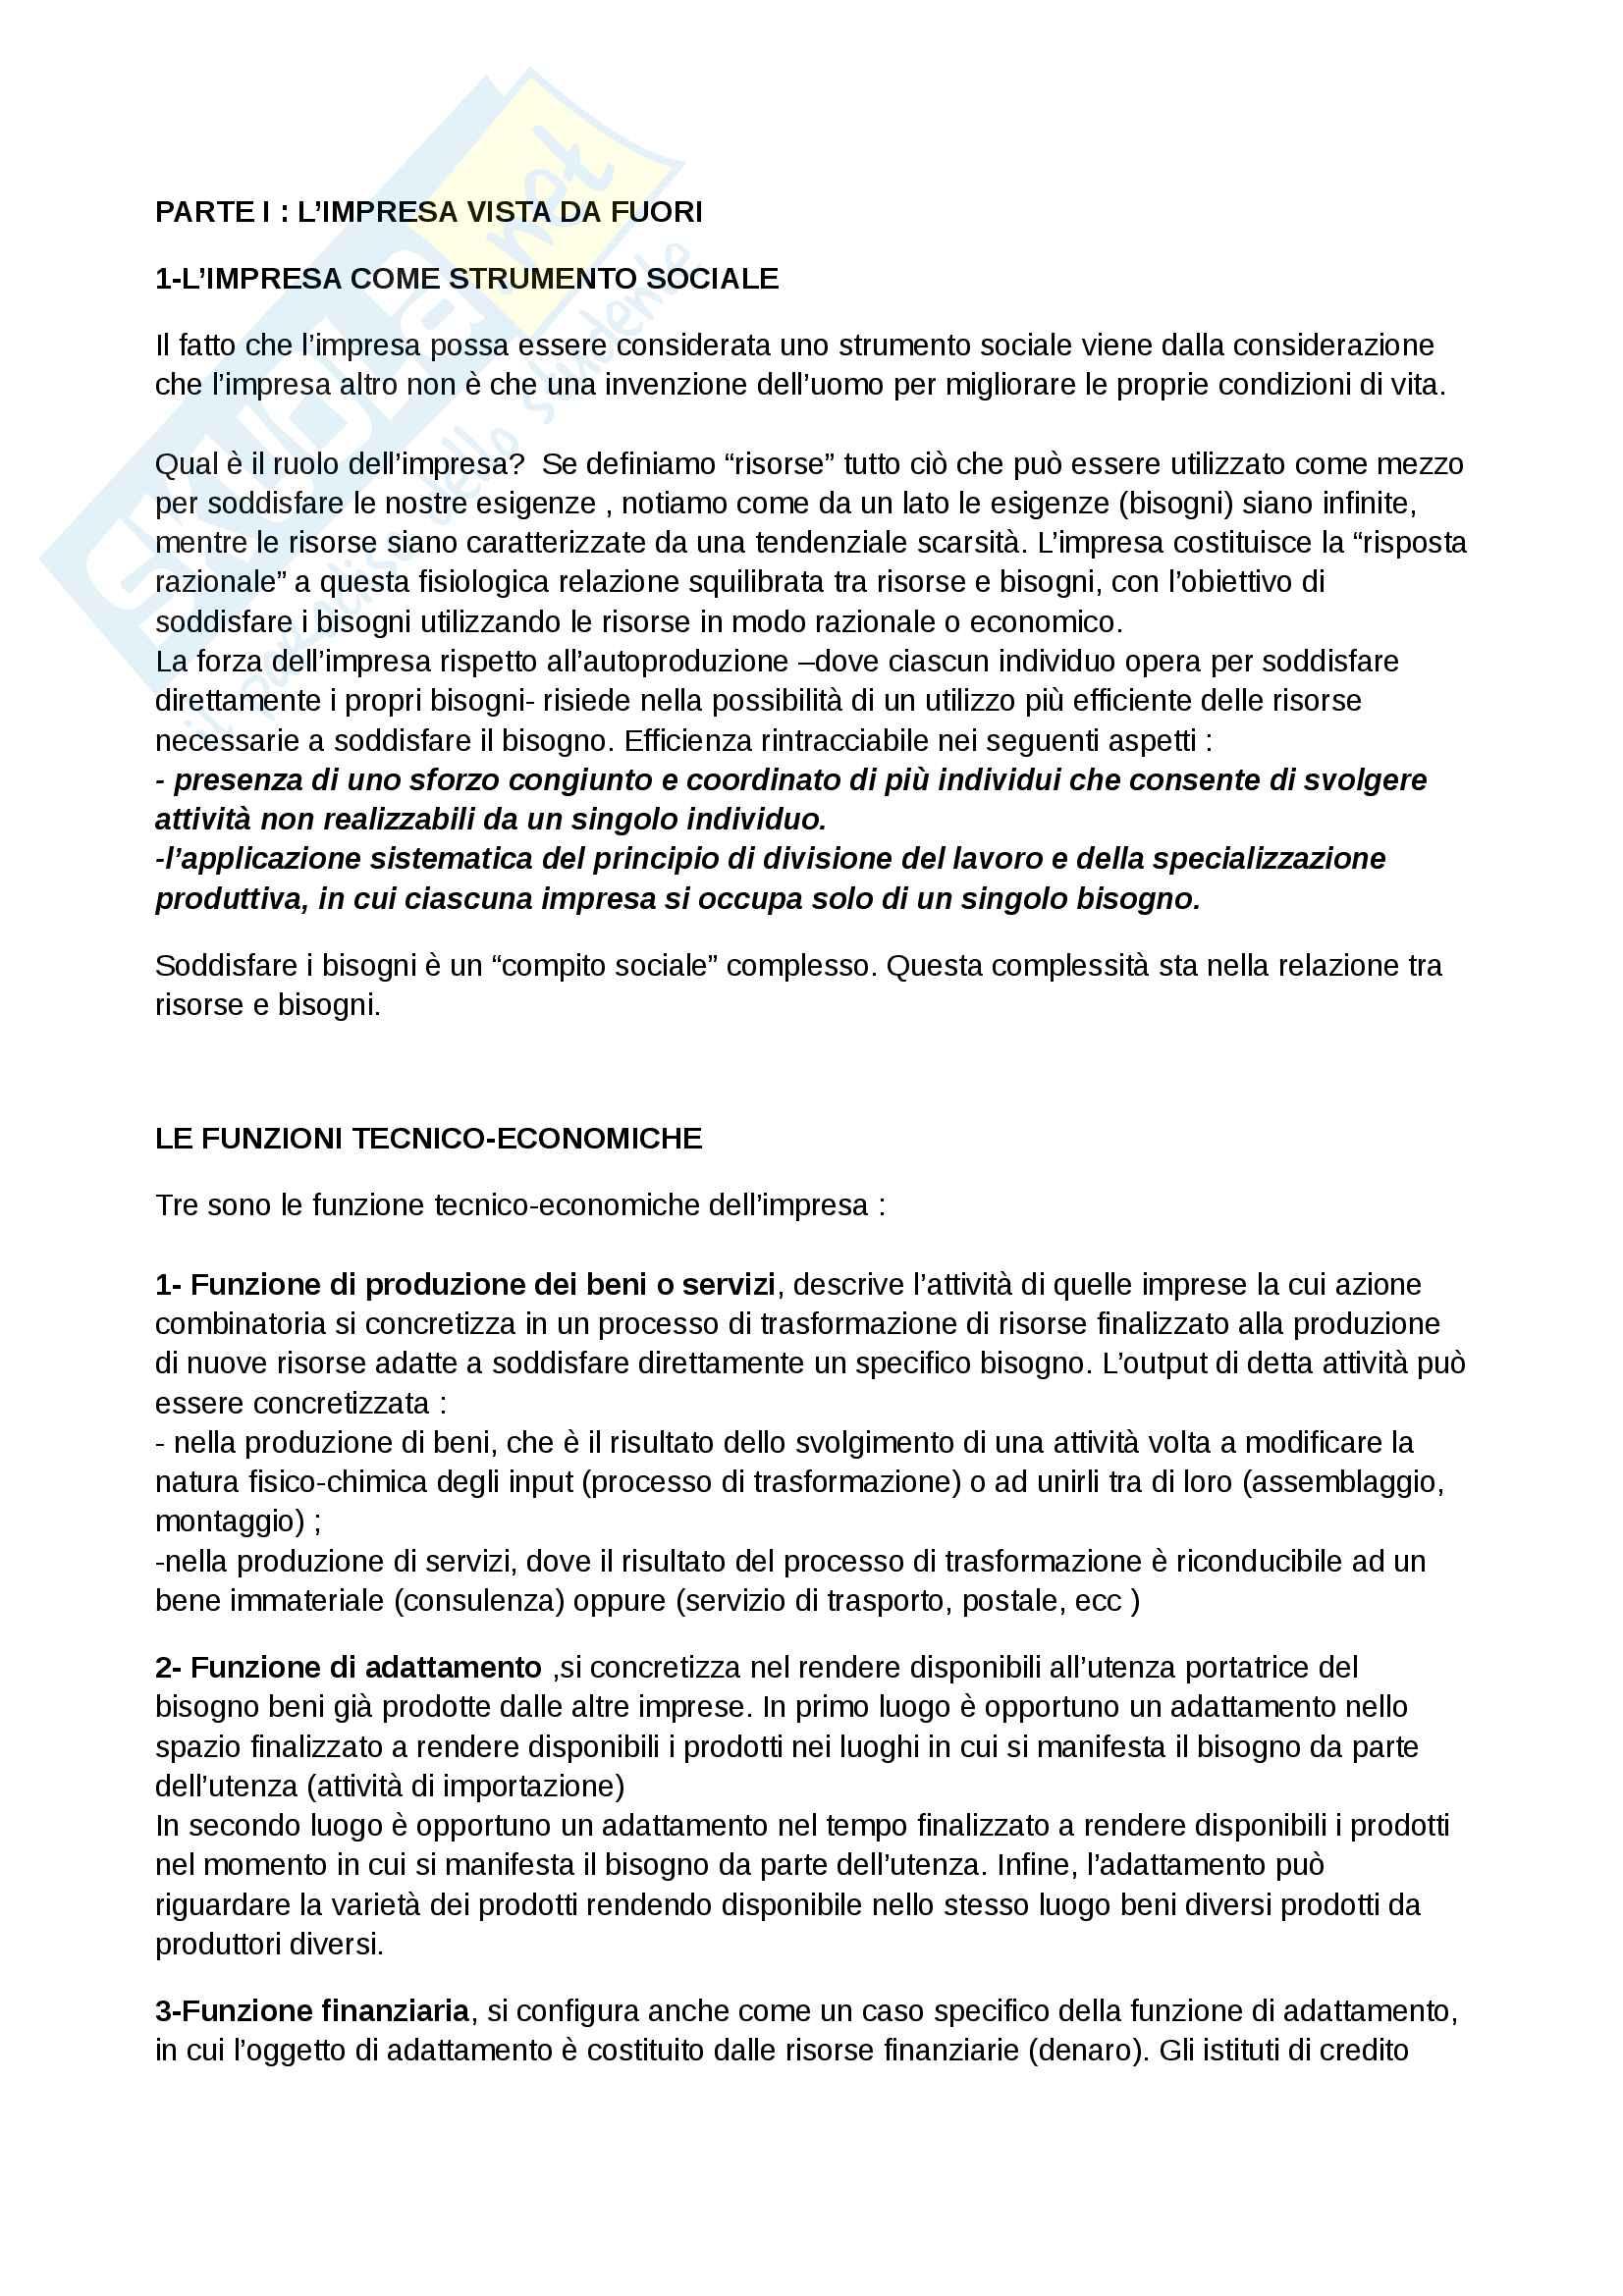 Riassunto esame di Economia e Gestione delle Imprese, prof. R. Moliterni. Libro consigliato Economia e Gestione delle Imprese